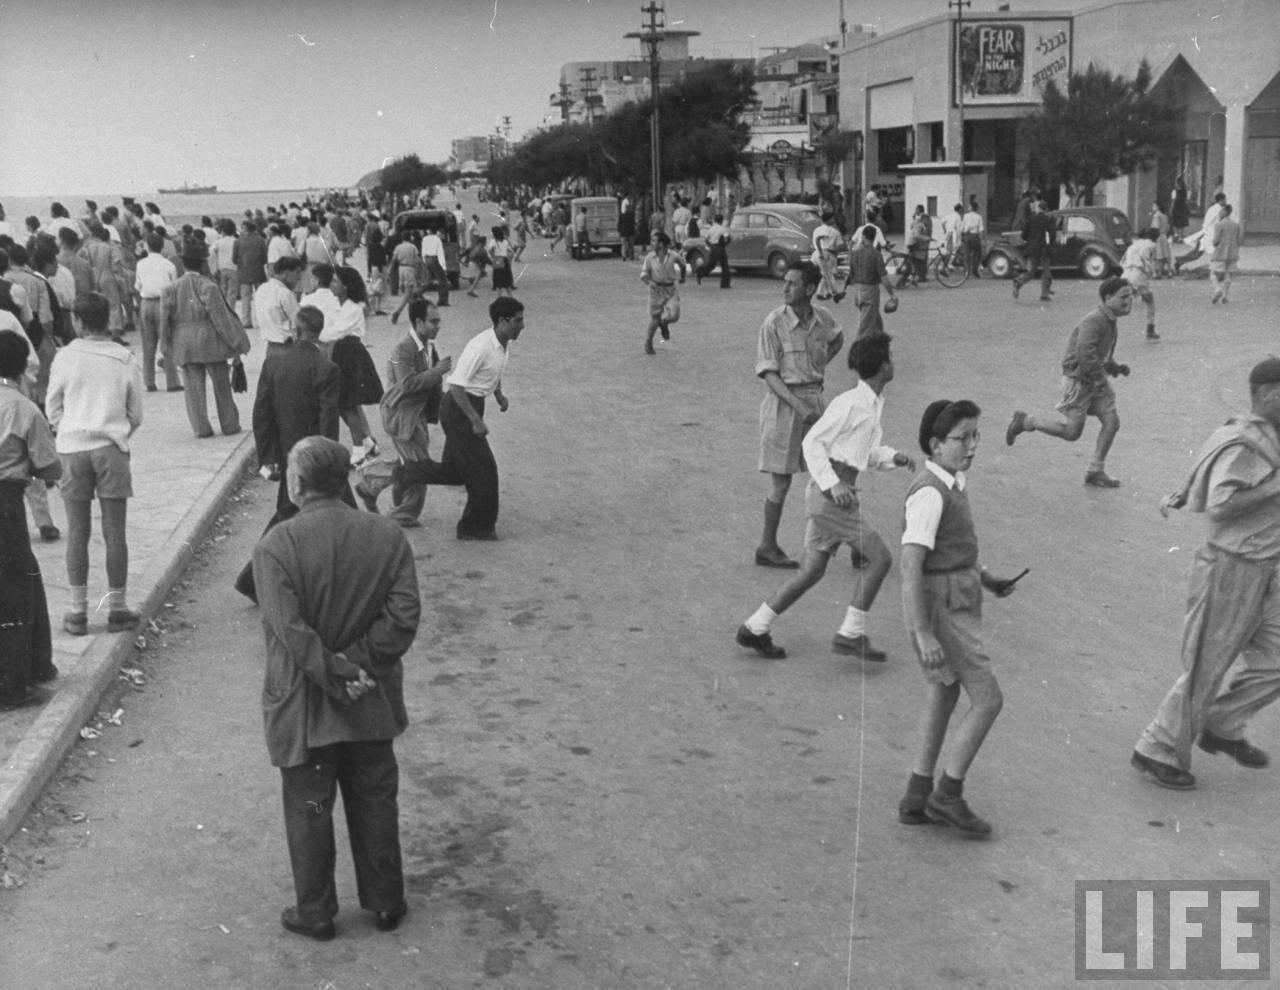 1948. Май. Люди убегают с набережной во время воздушного налета